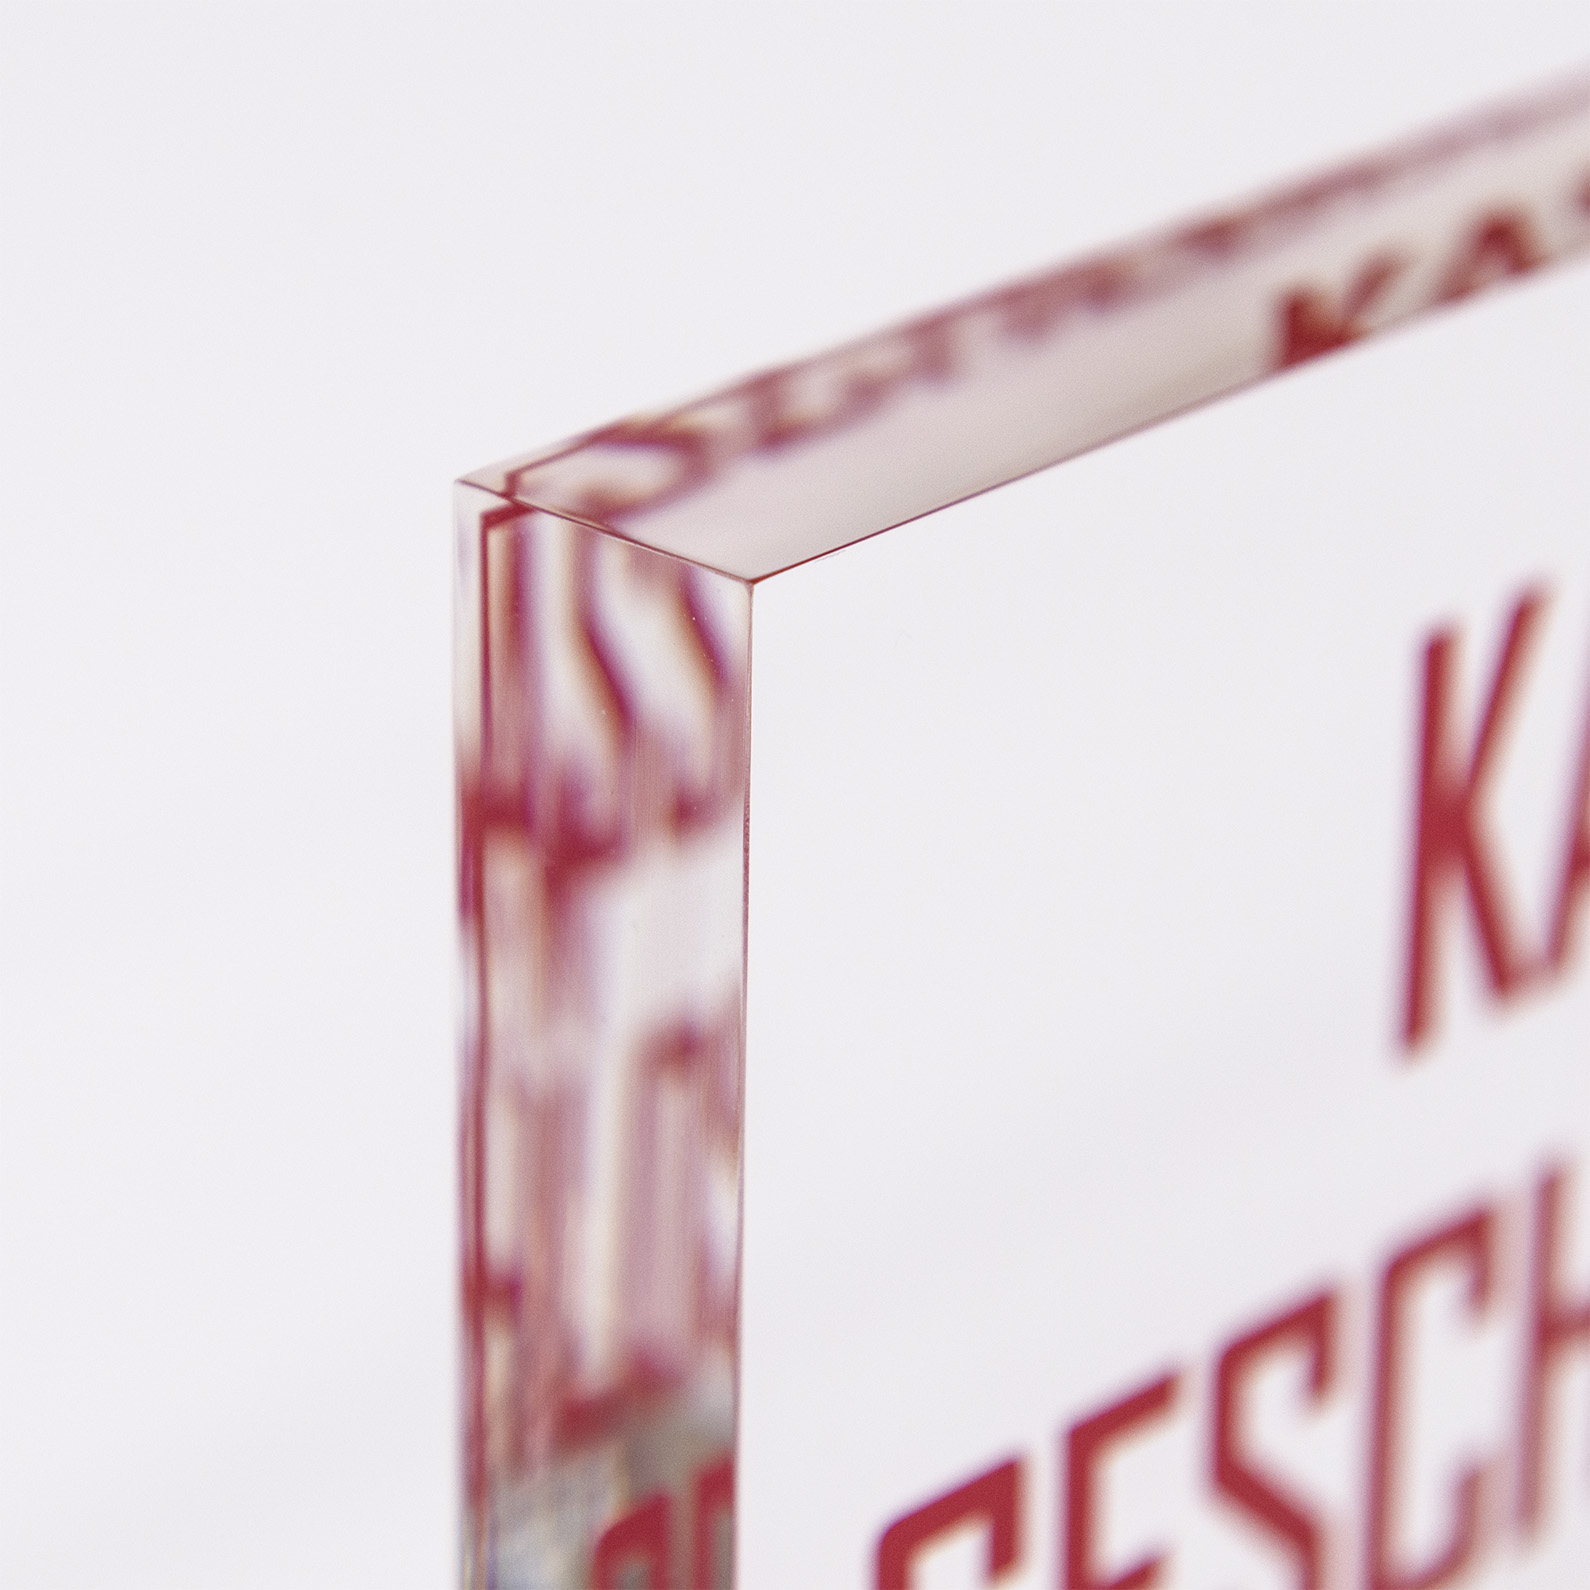 Der rückseitig angebrachte 5C Digitaldruck ermöglicht in einen funkelnden Auftritt ihrer Werbe-Botschaft.